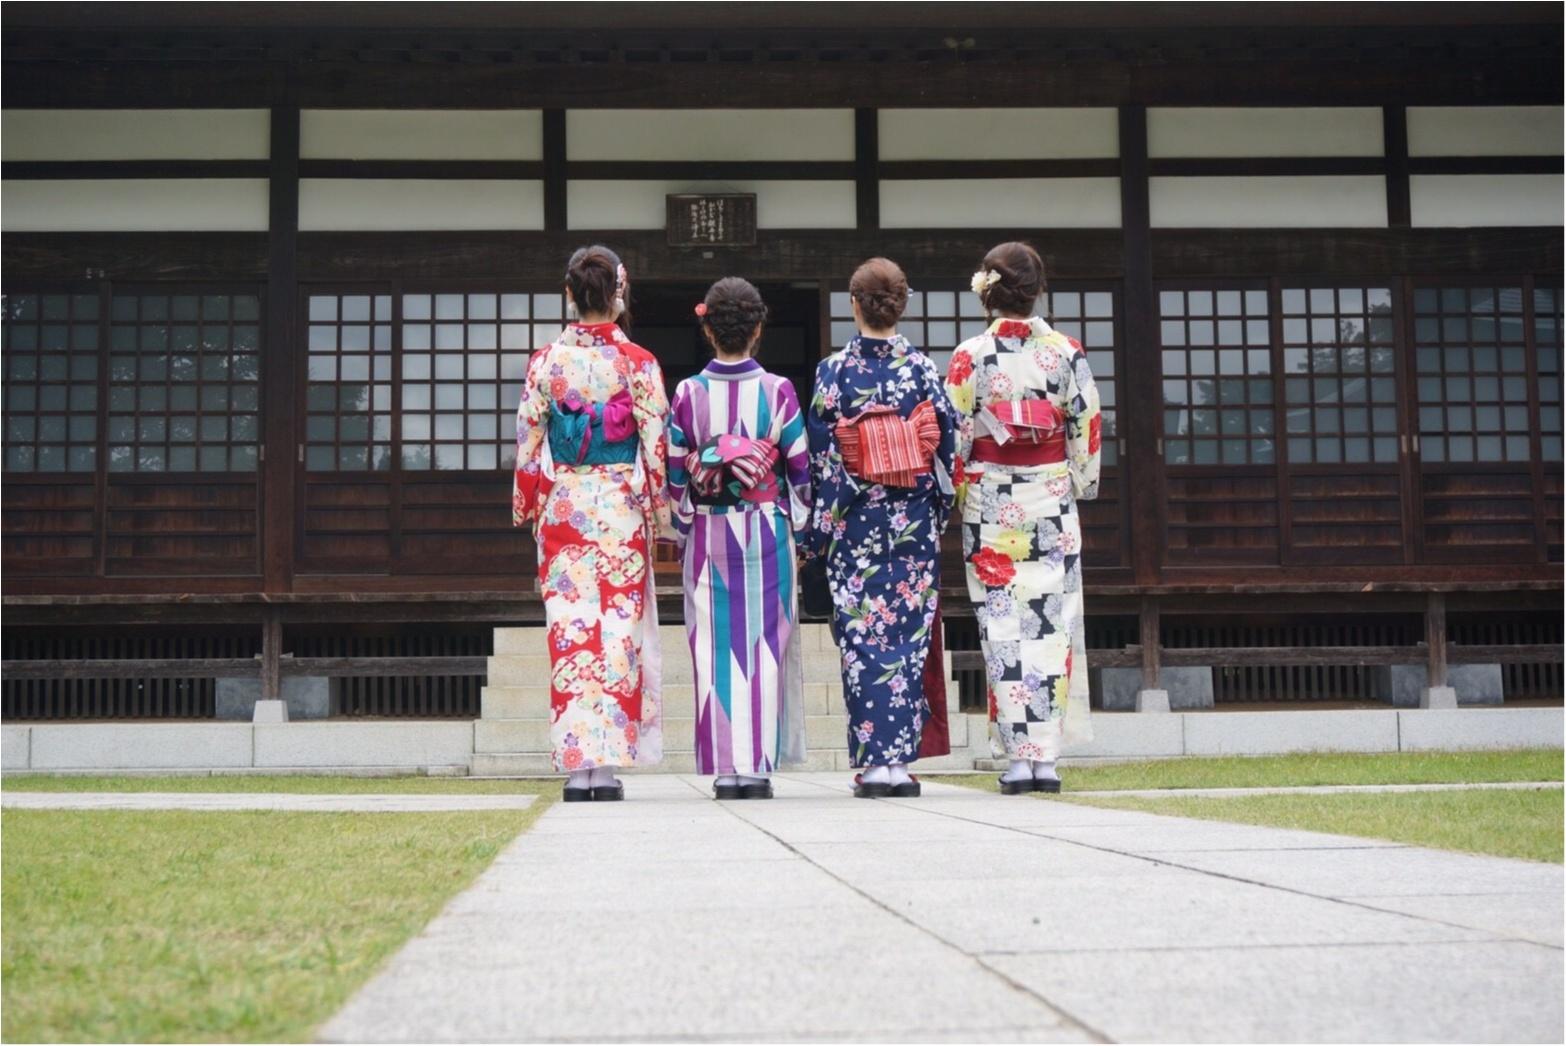 【✨着物レンタルwargo ¥2,900✨】手ぶらでOK!着物を着てお出掛けしよう❤︎鎌倉の「報国寺の竹林」「浄妙寺」「小町通り」を散歩しました♩≪samenyan≫_22